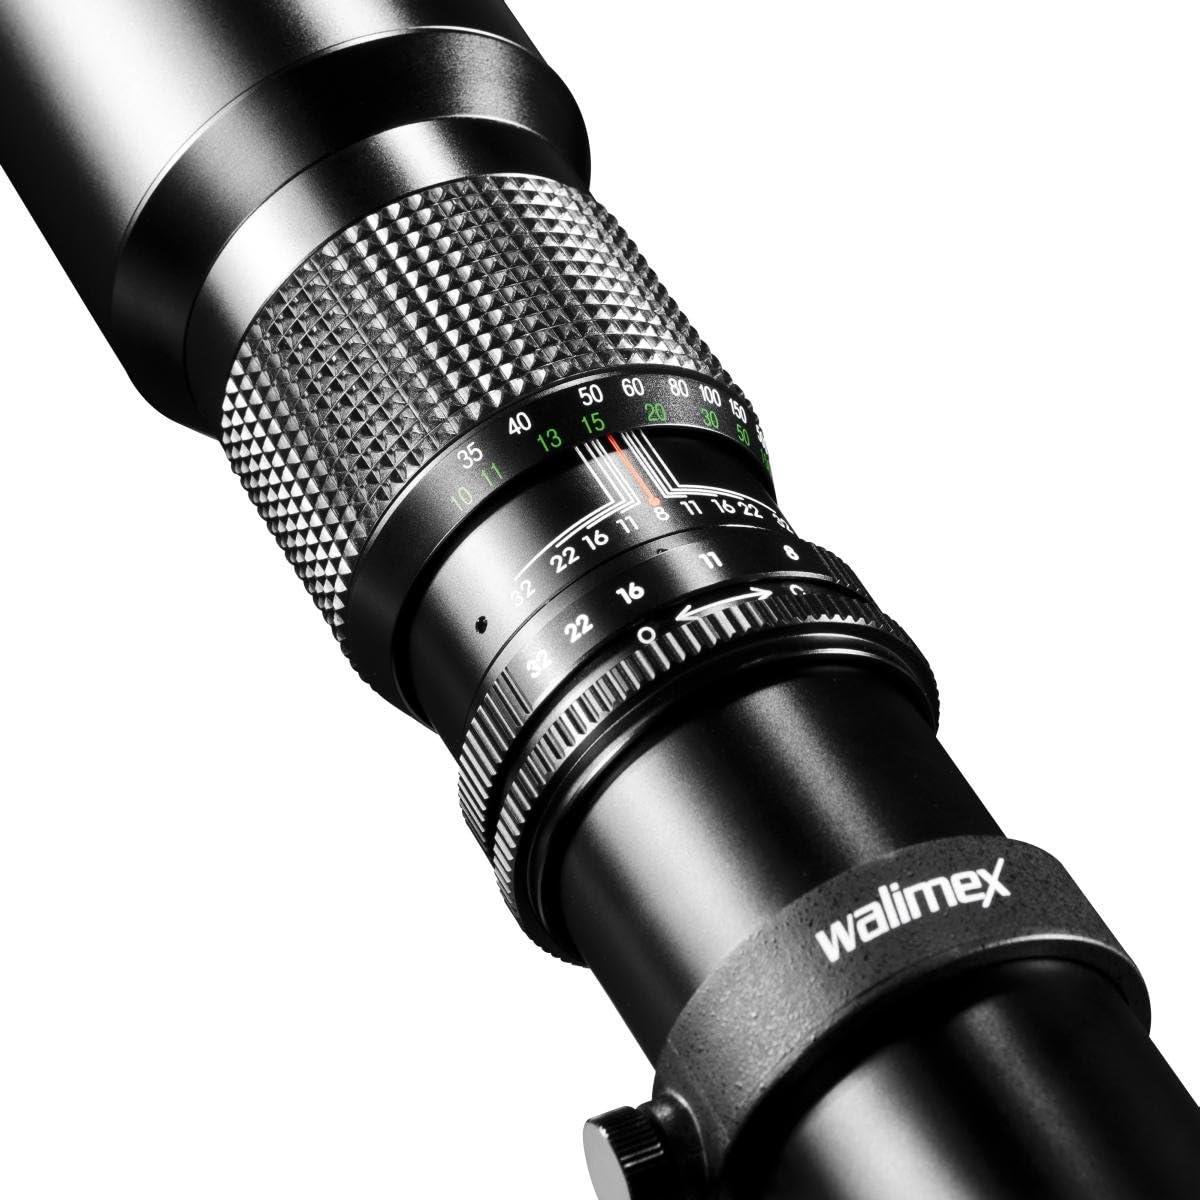 Walimex 500mm 1 8 0 Dslr Objektiv Für Sigma Bajonett Kamera